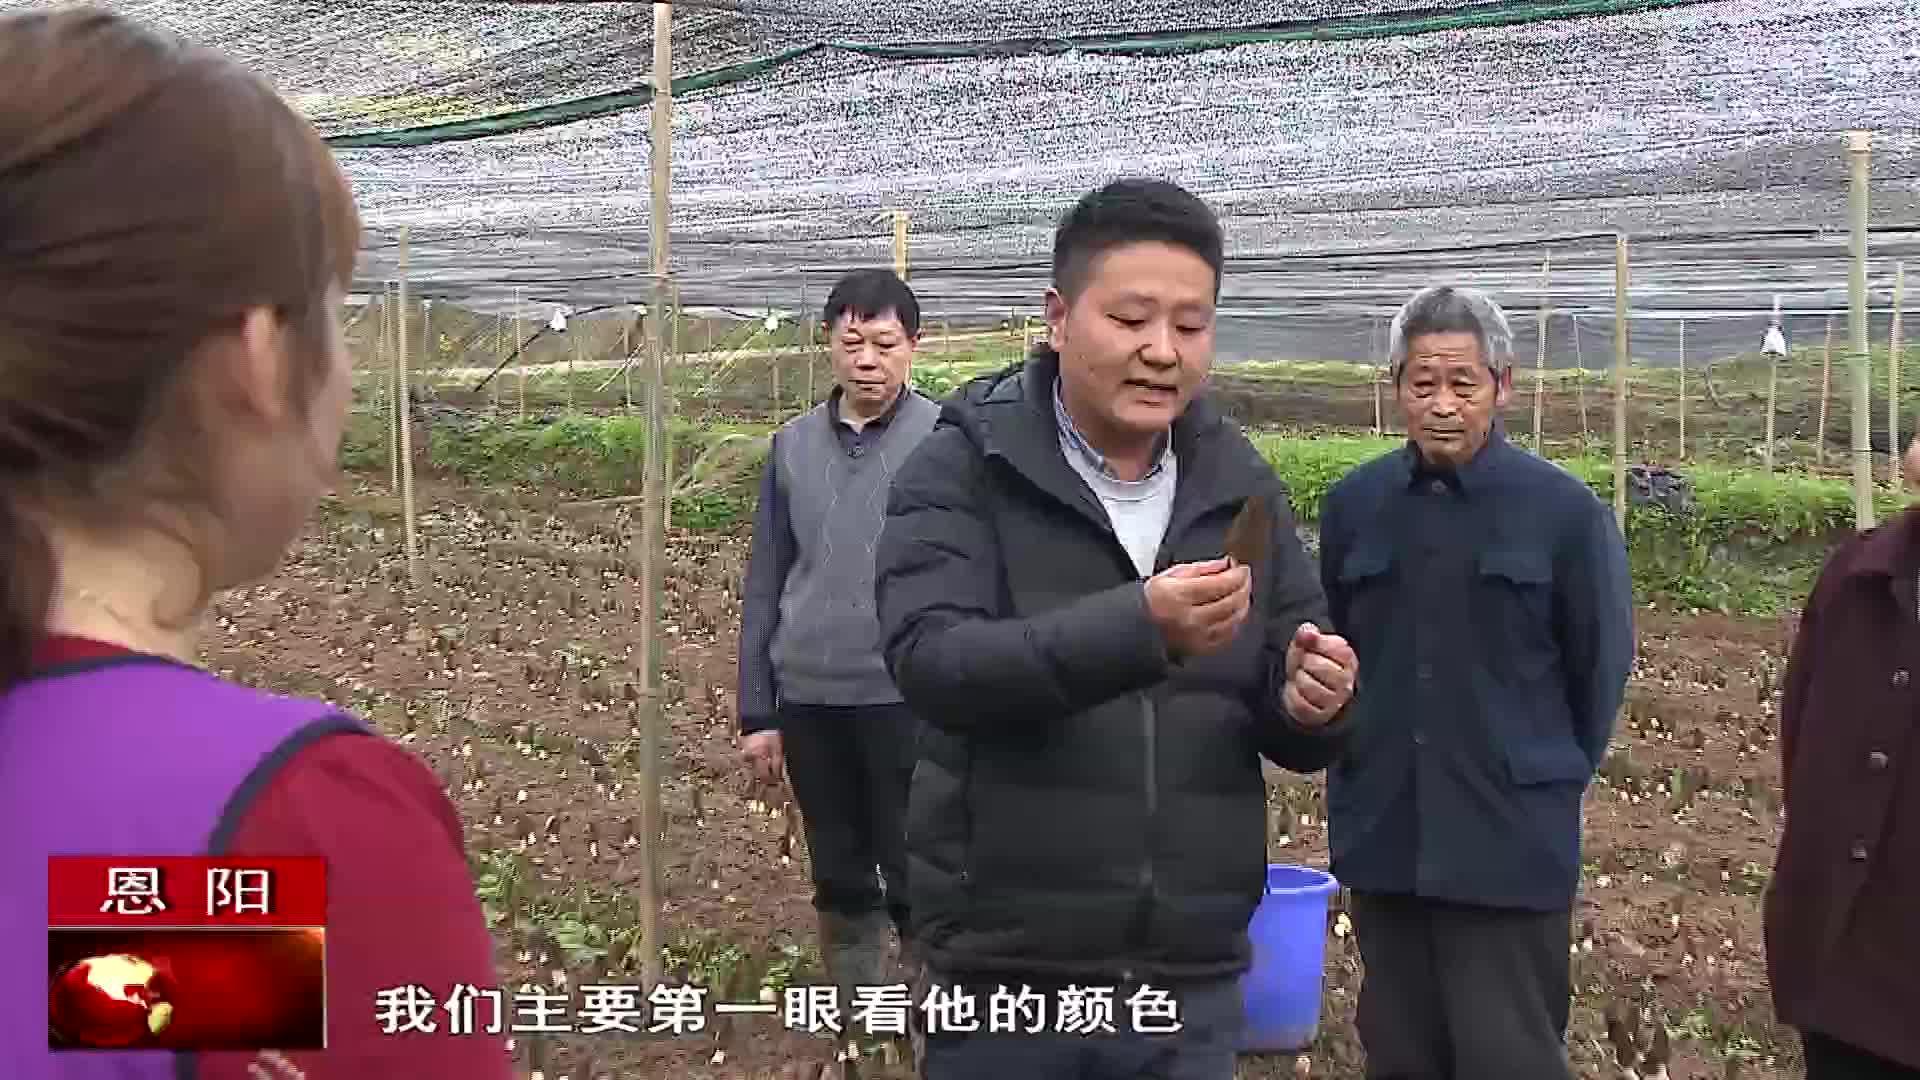 恩阳区:羊肚菌即将进入收获期